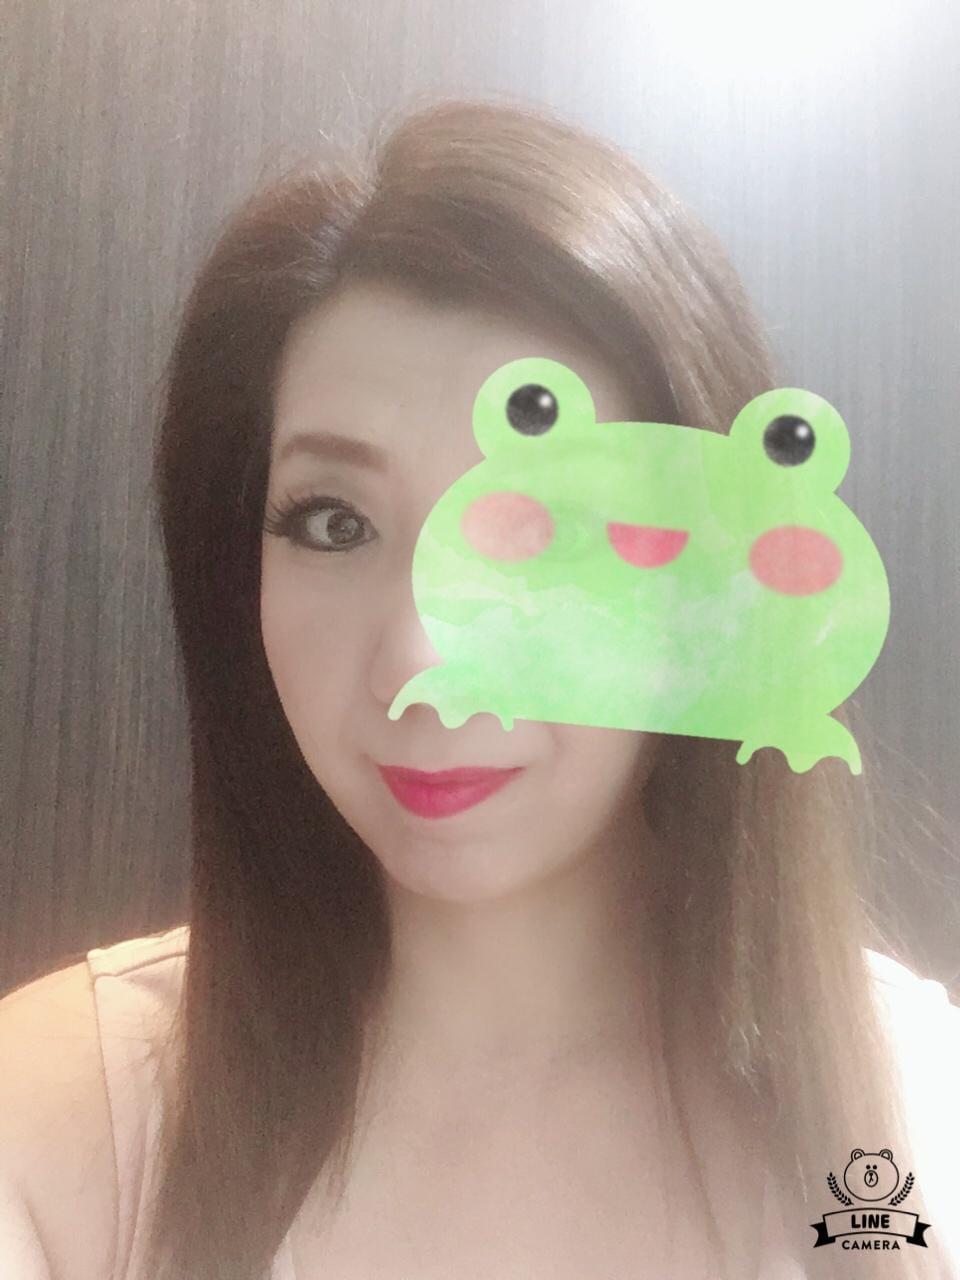 「おやすみなさい」06/24日(日) 01:13 | まりえの写メ・風俗動画